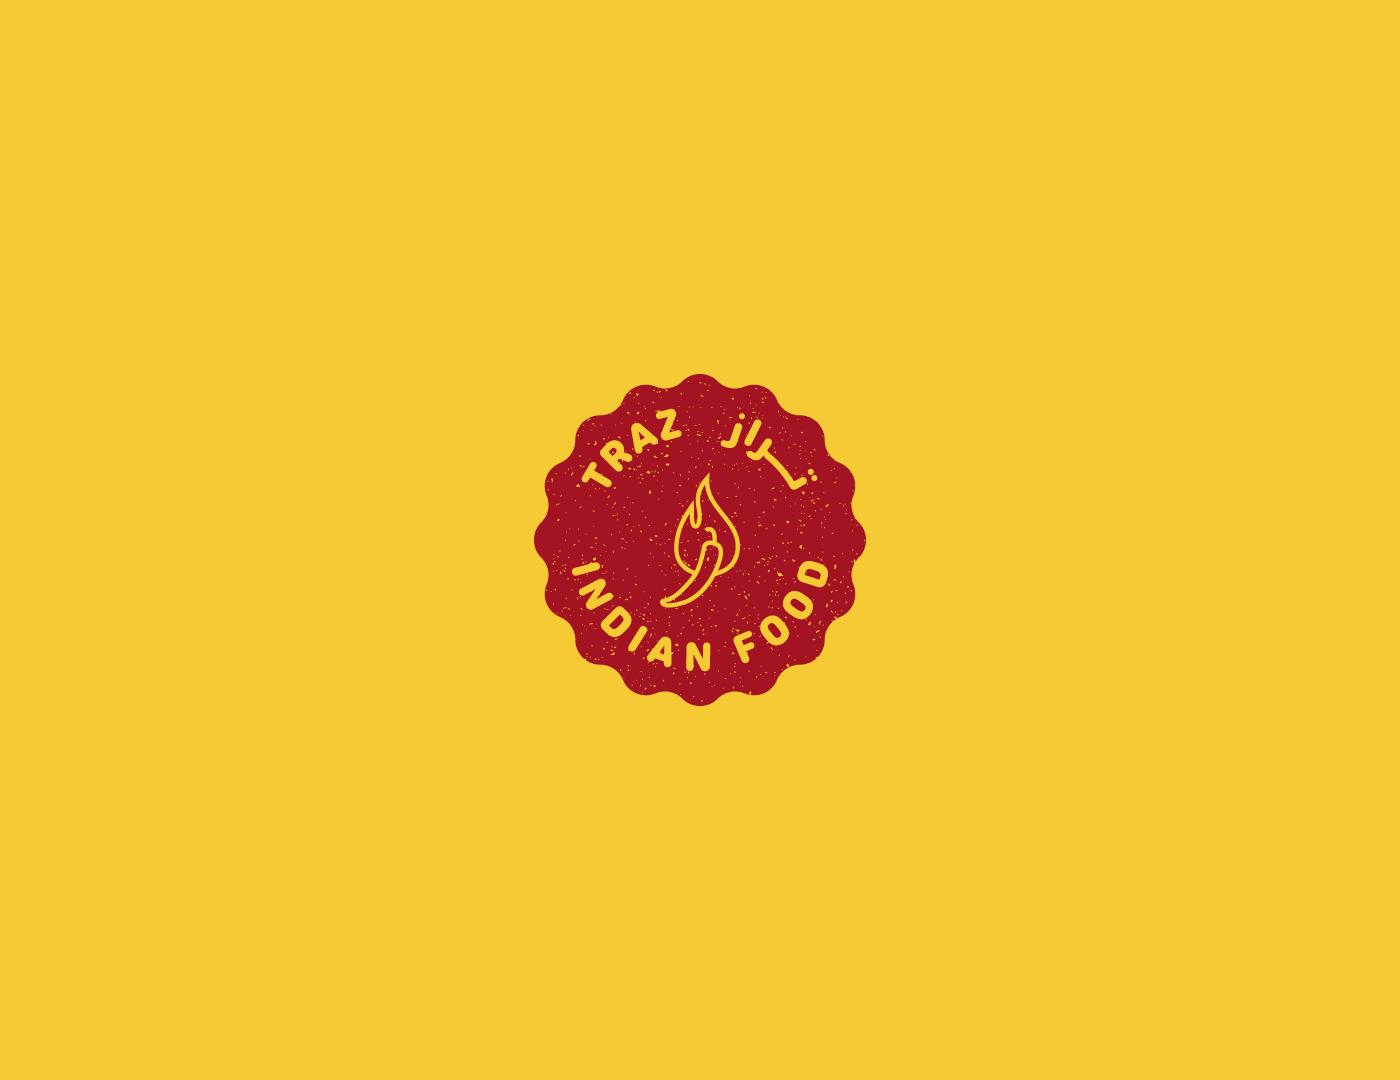 logo logo collection Selected Logos 2018 logos 2019 logos logofolio logos Coffee restaurant branding